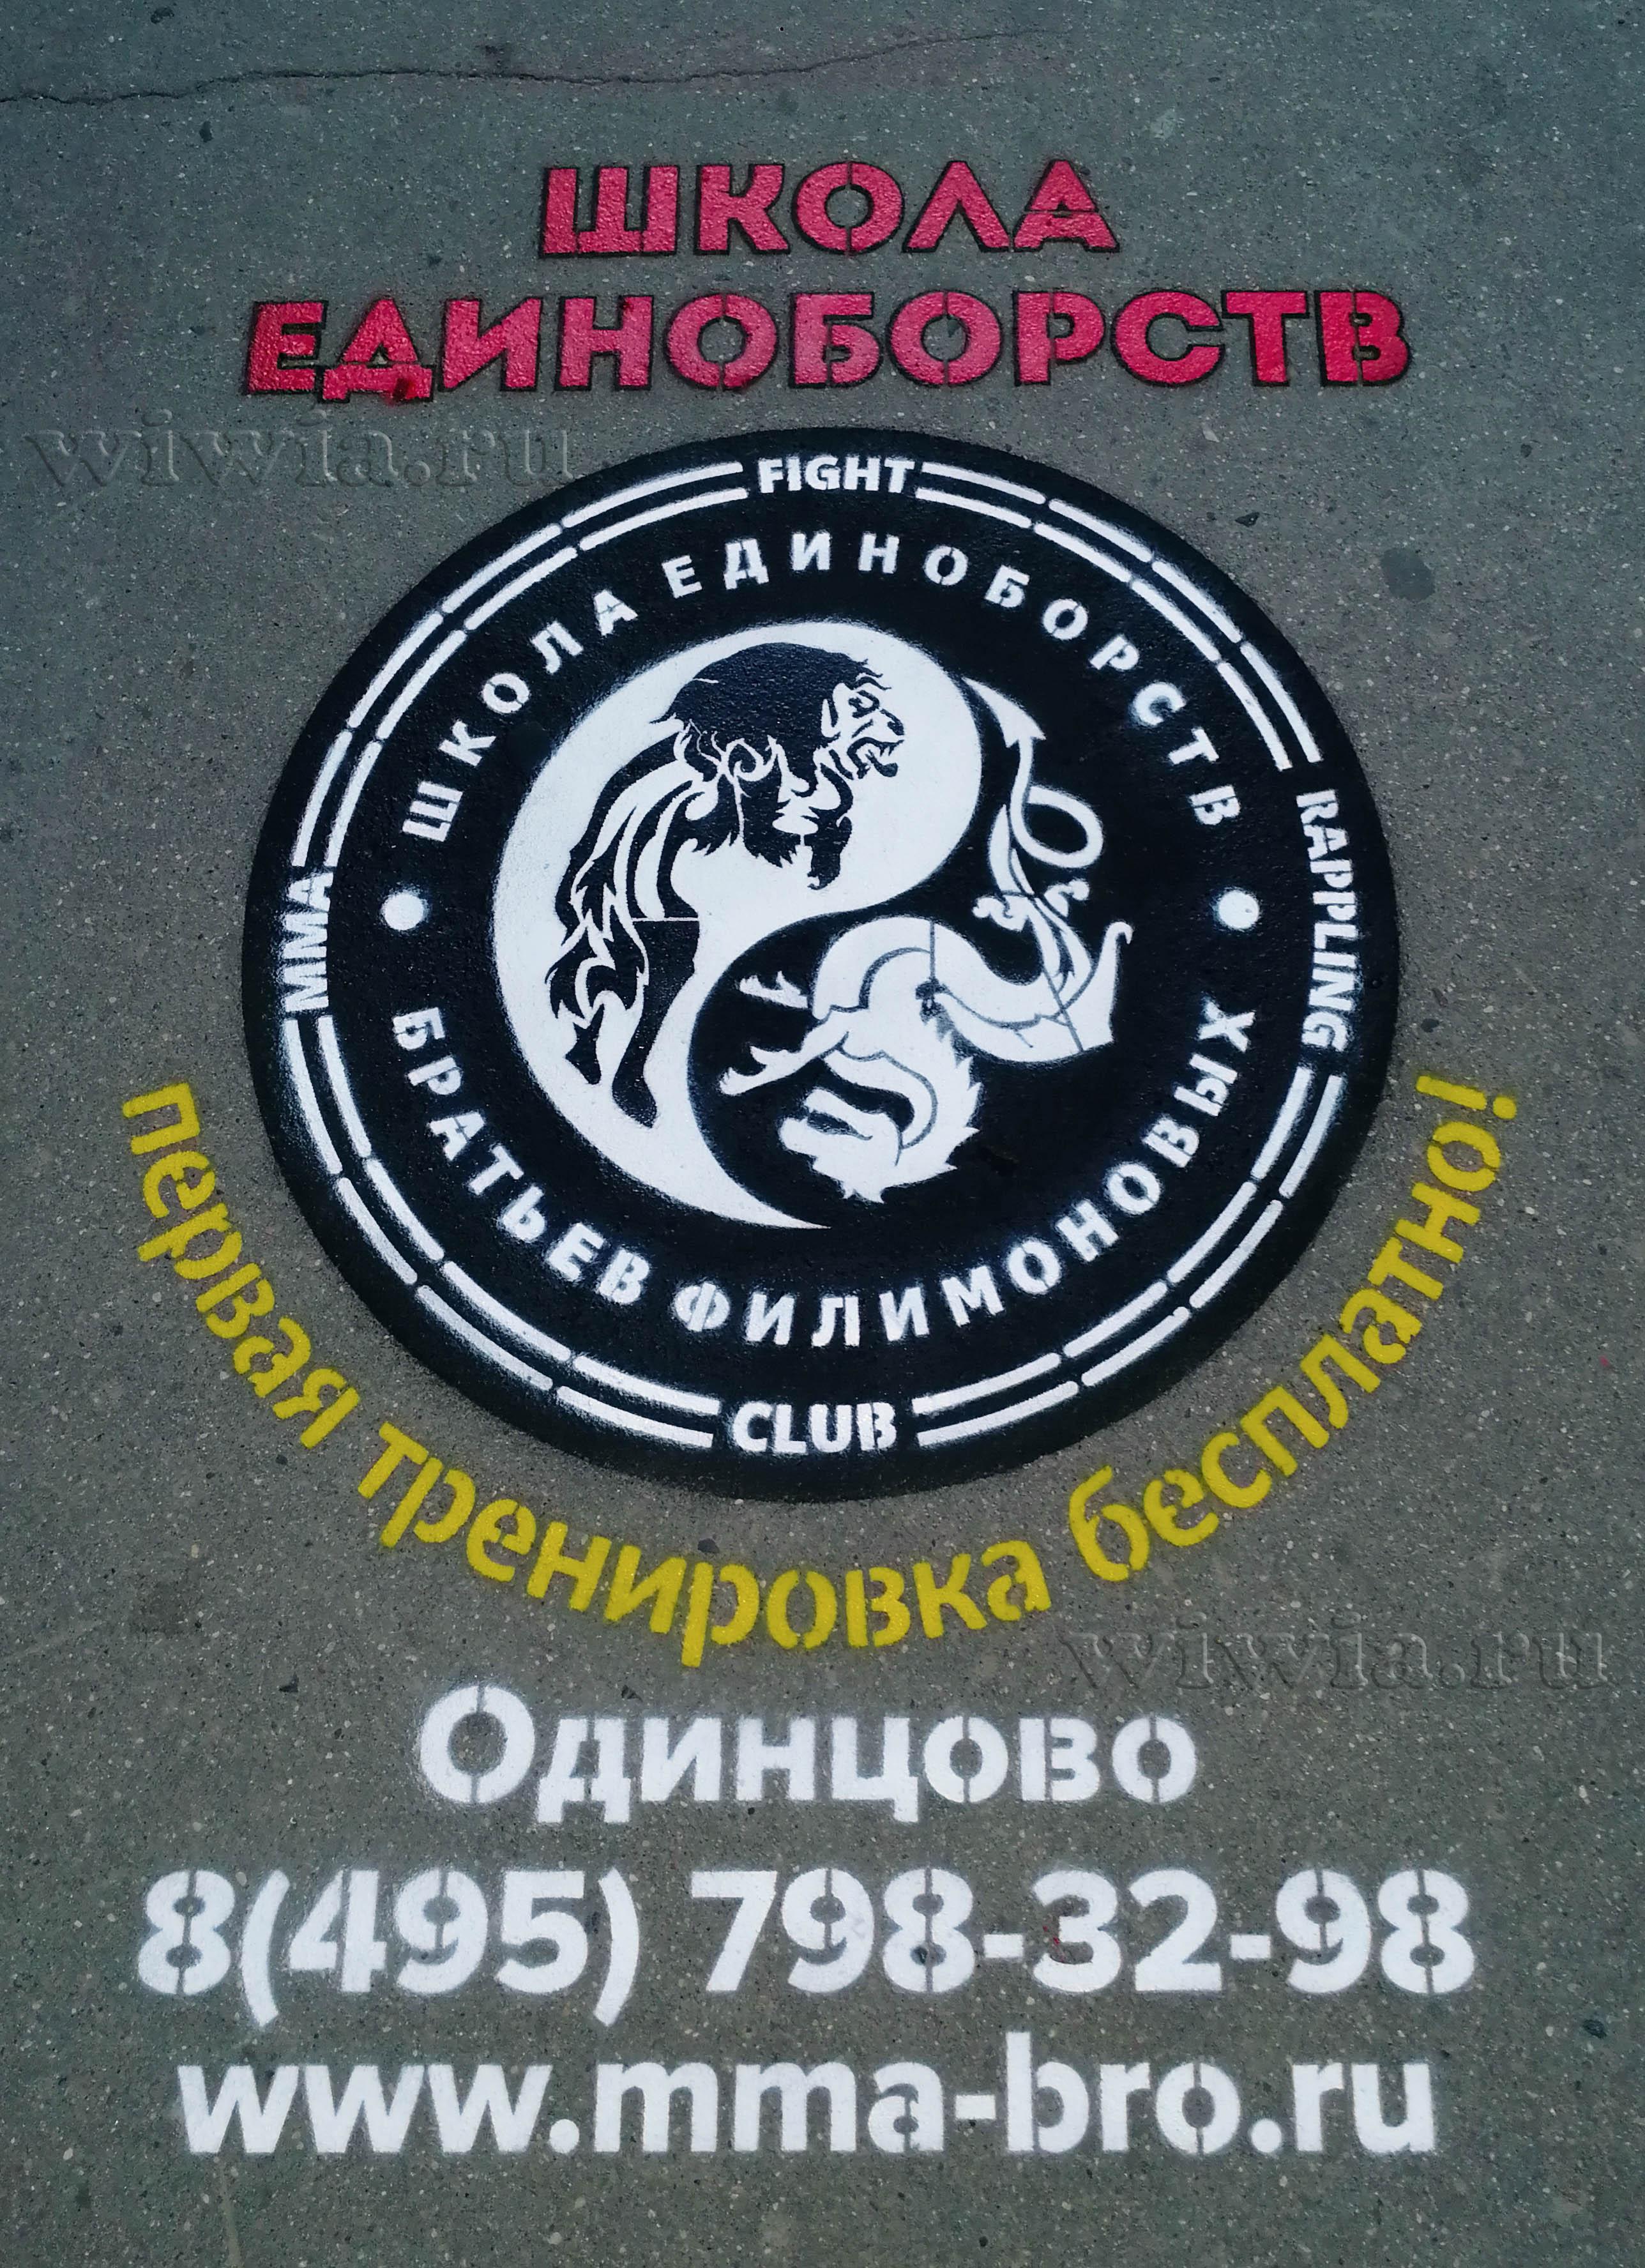 Реклама на асфальте для клуба единоборств братьев Филимоновых.